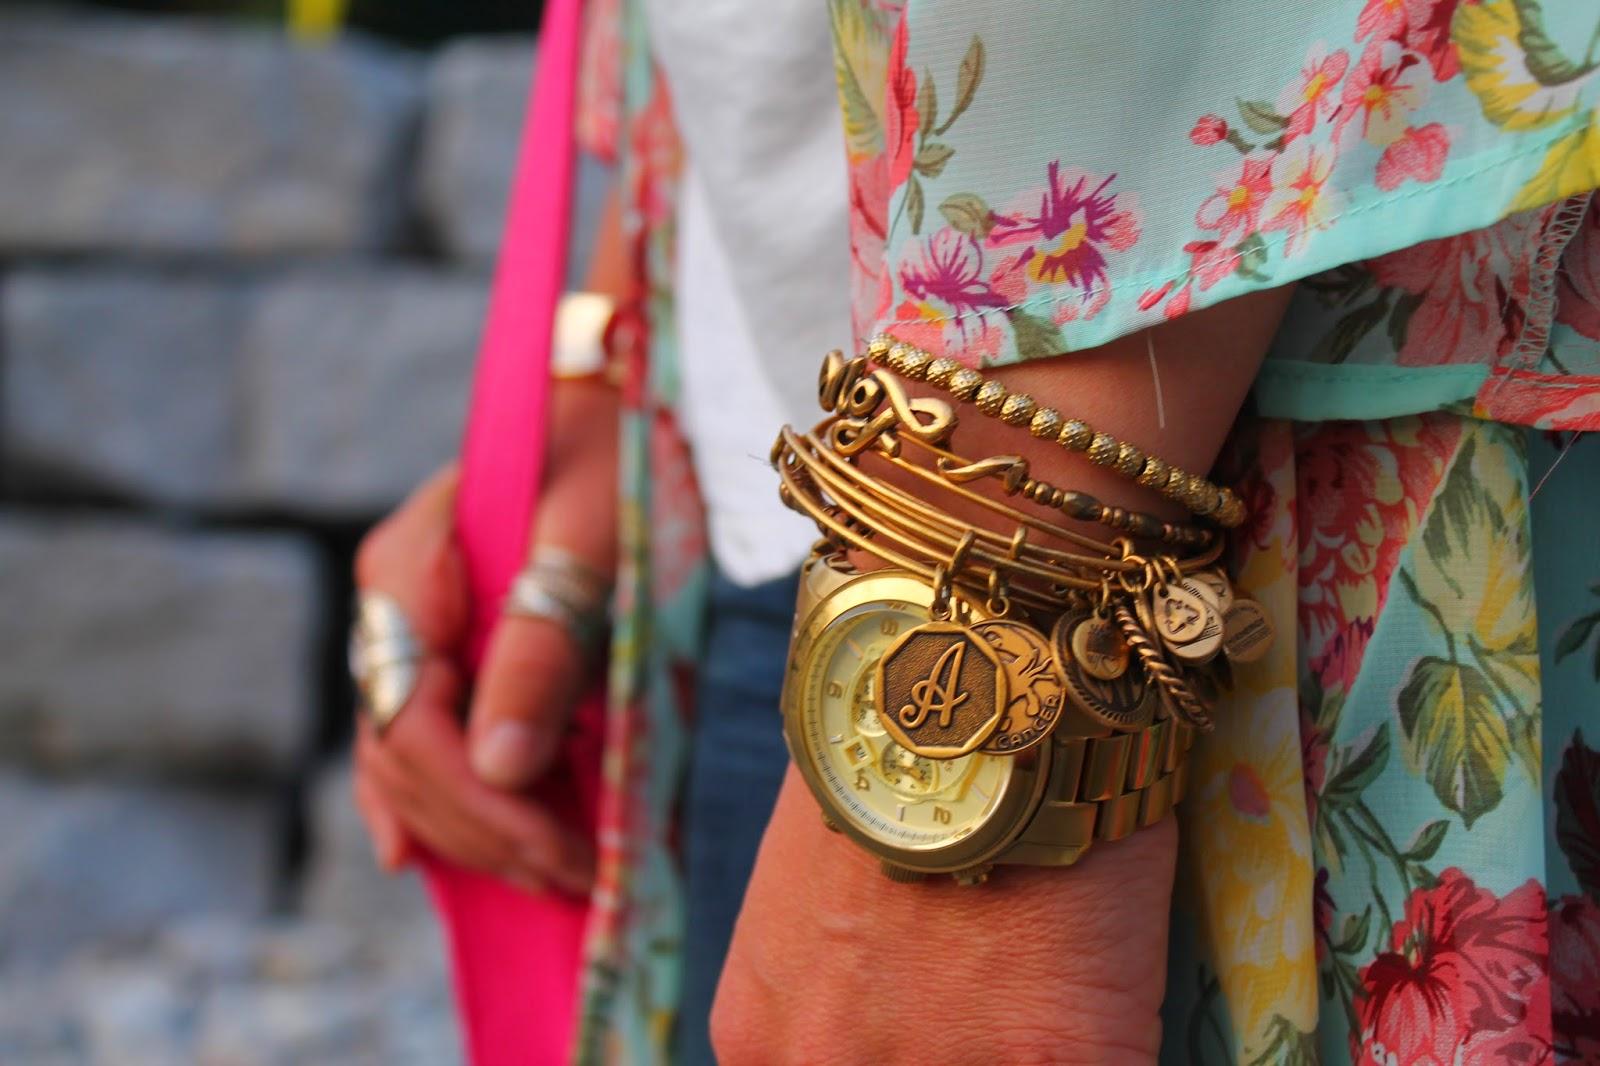 Floral kimono, ways to style a kimono, boho inspired outfit, ripped jeans zara, blogerke, floral print, canandian fashion bloger, toronto street style, alex&ani, armparty